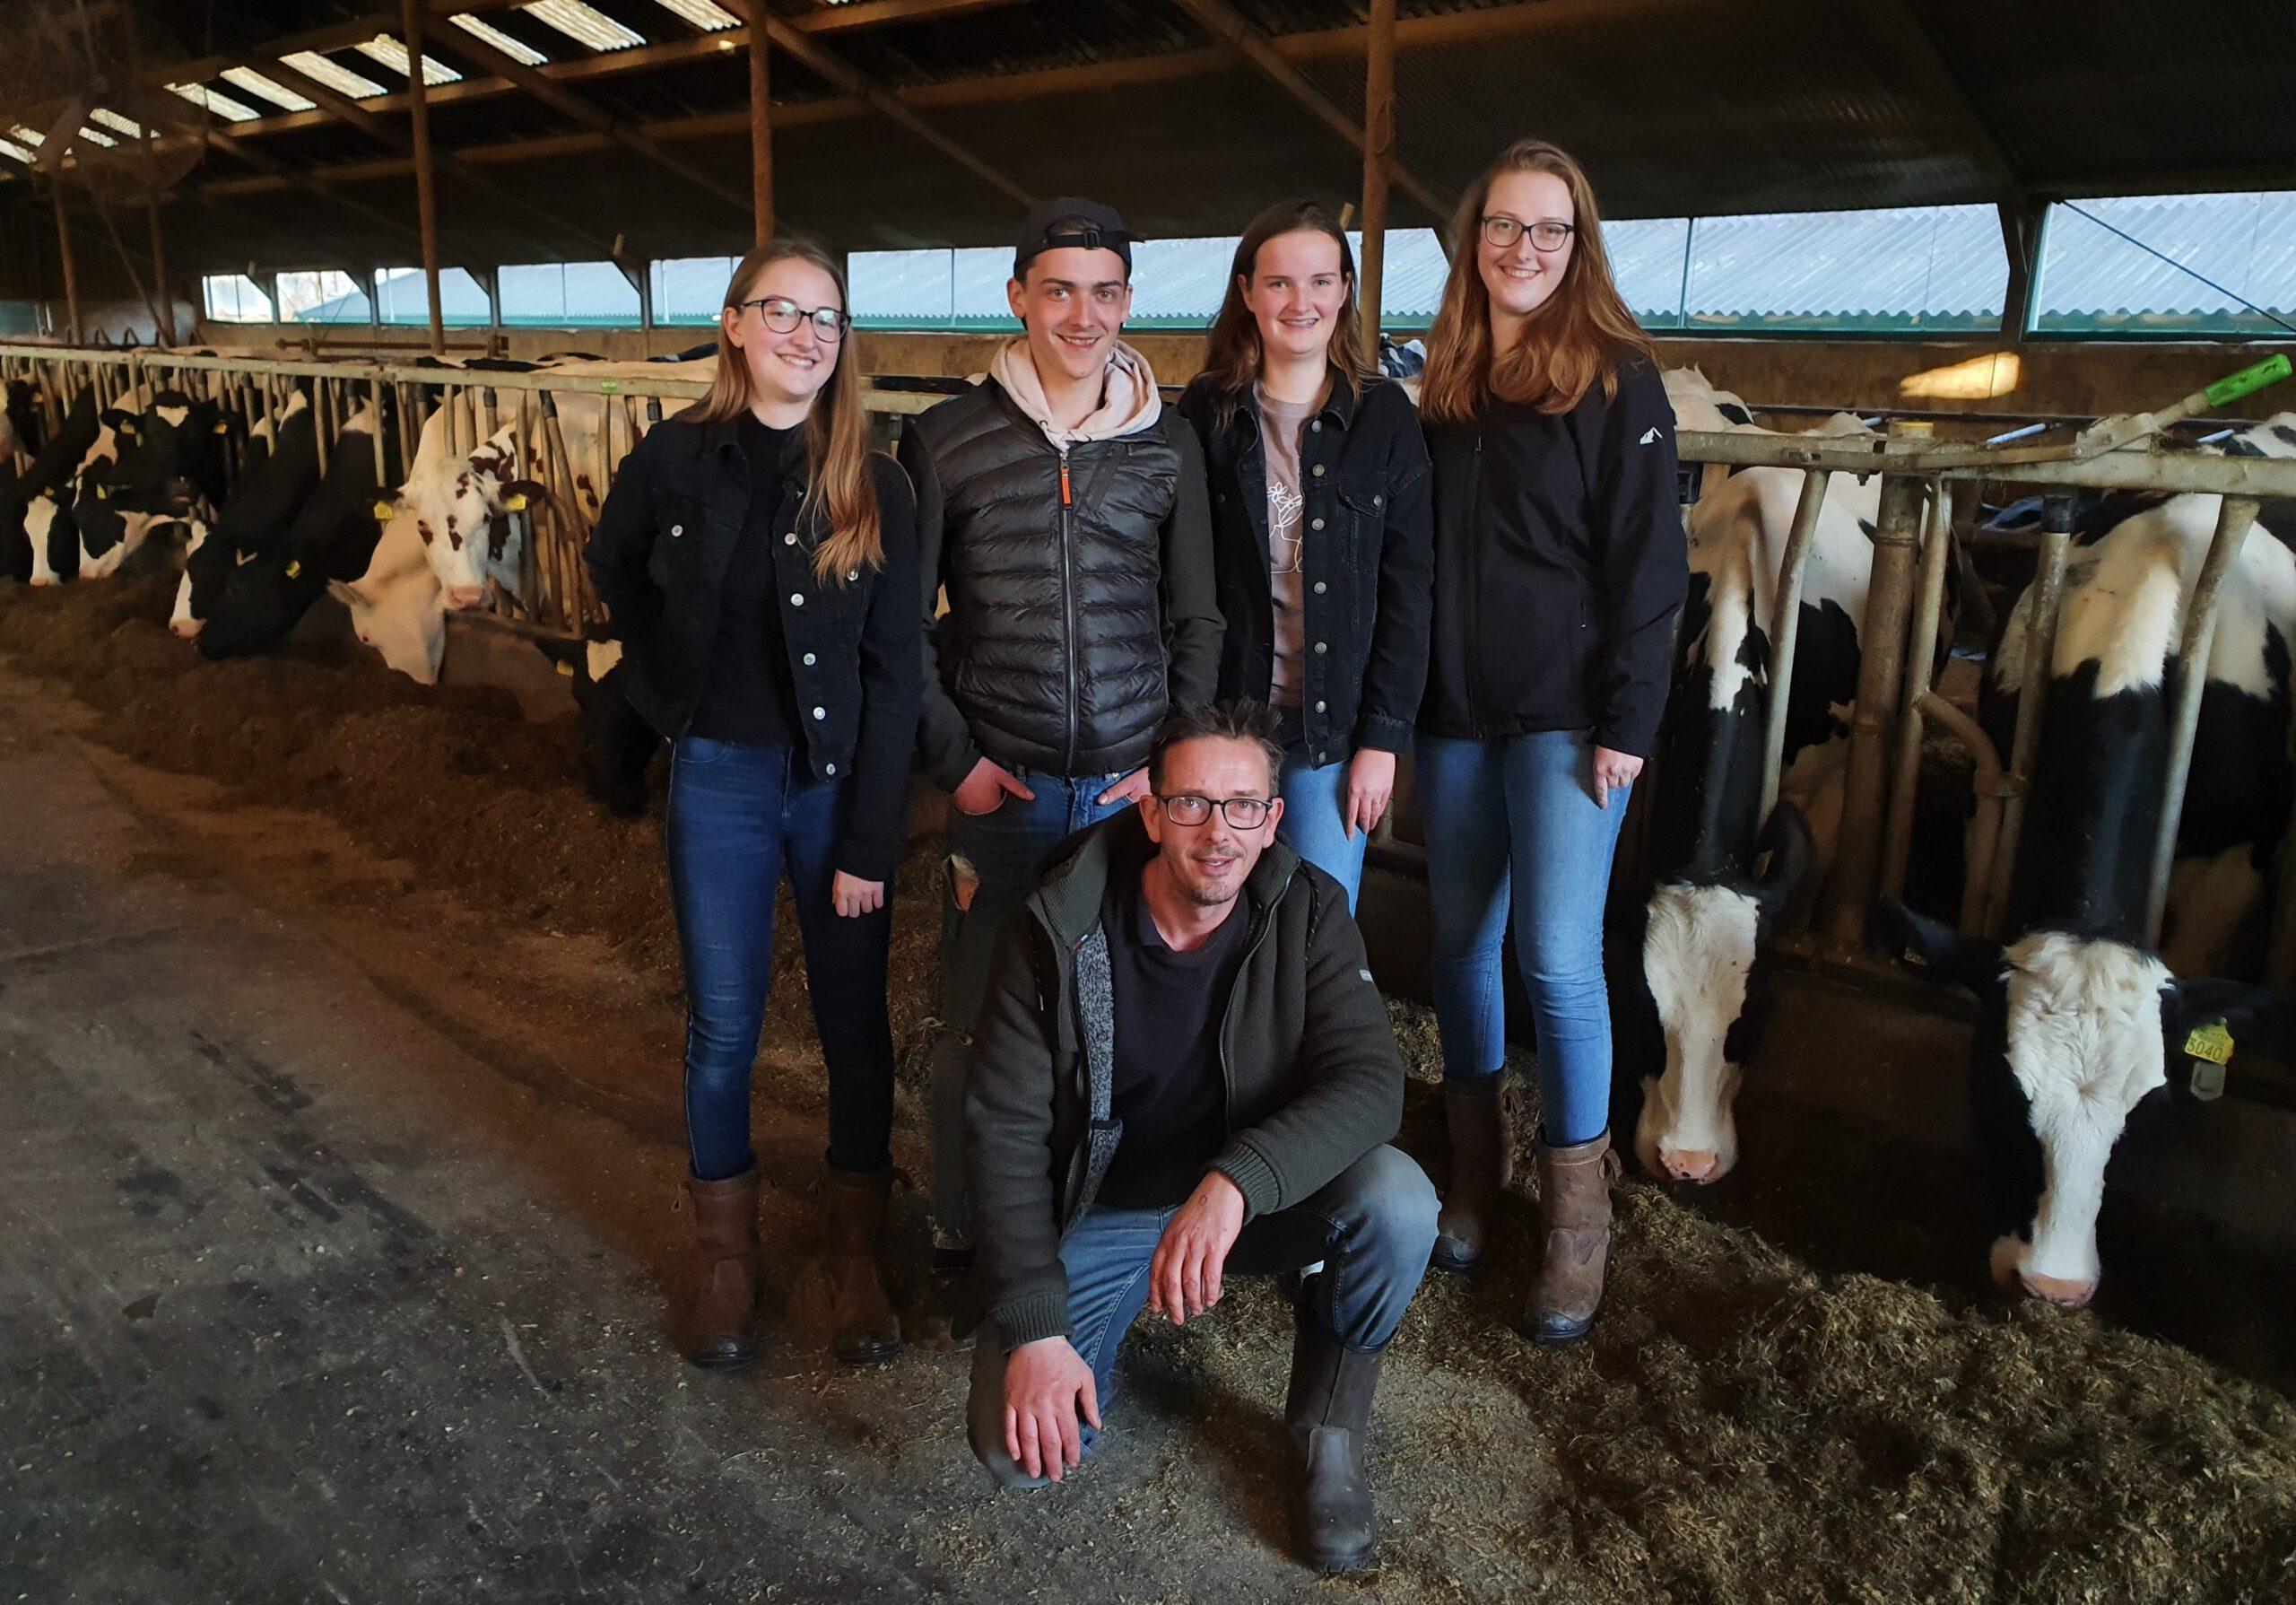 Berend Bosma, melkveehouder en vader van vier kinderen denkt aan de volgende generatie